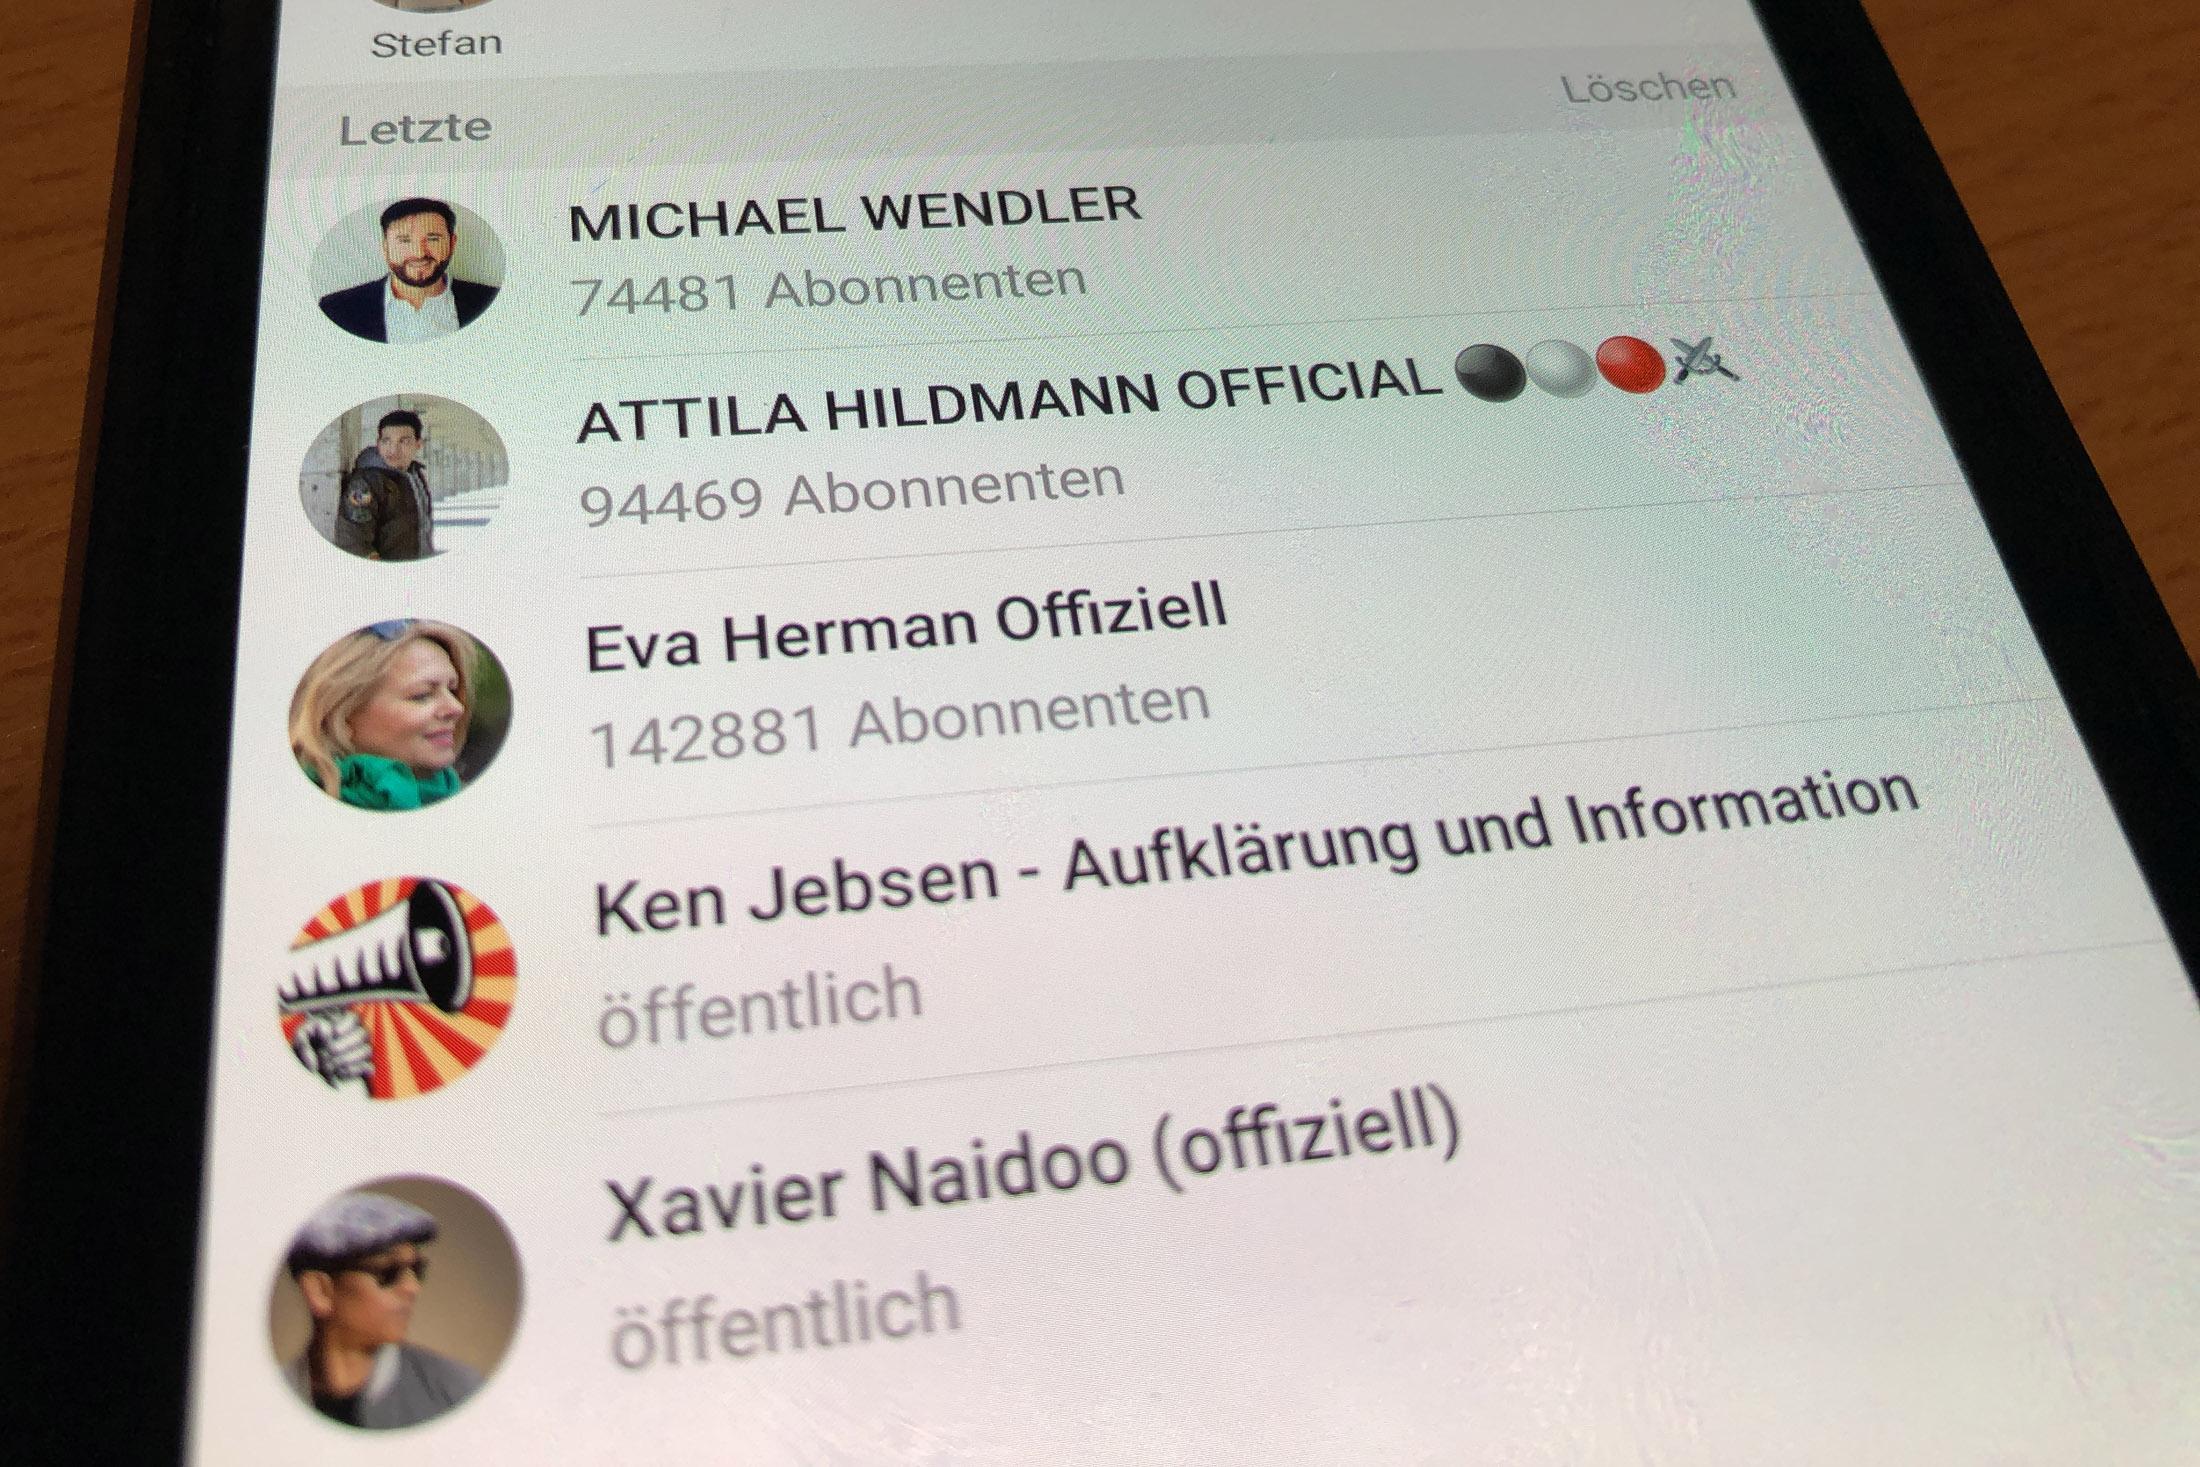 Auf einem Smartphone werden unter anderem die Telegram-Kanäle von Eva Herman, Michael Wendler und Attila Hildmann angezeigt. Foto: SR